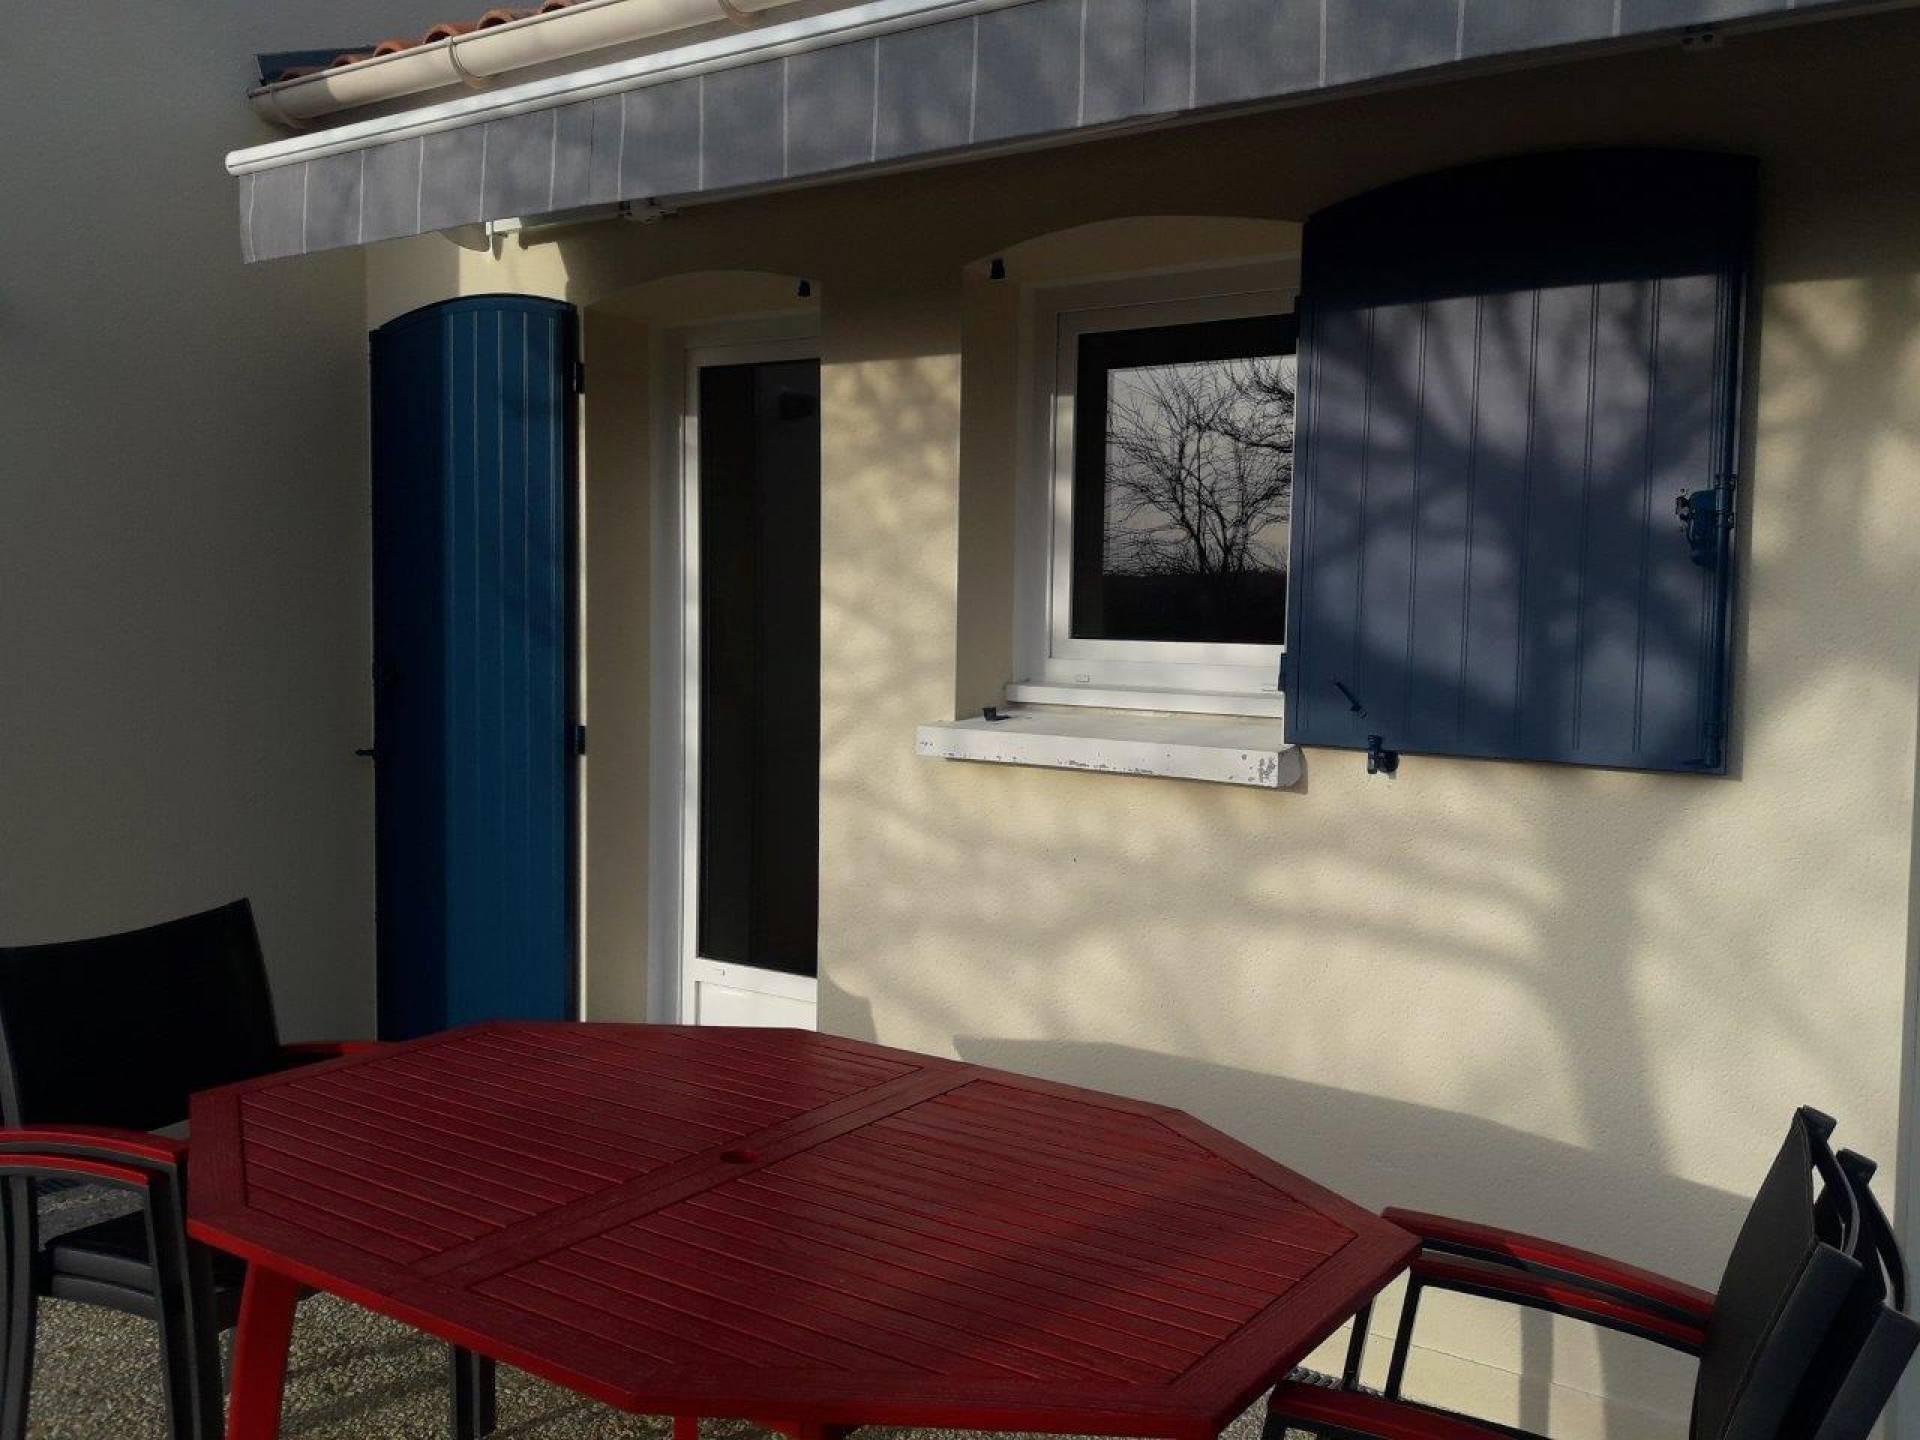 Devis : Rénovation Isolation Thermique Coefficient K Saint-Loubès (33450) (Impôts)